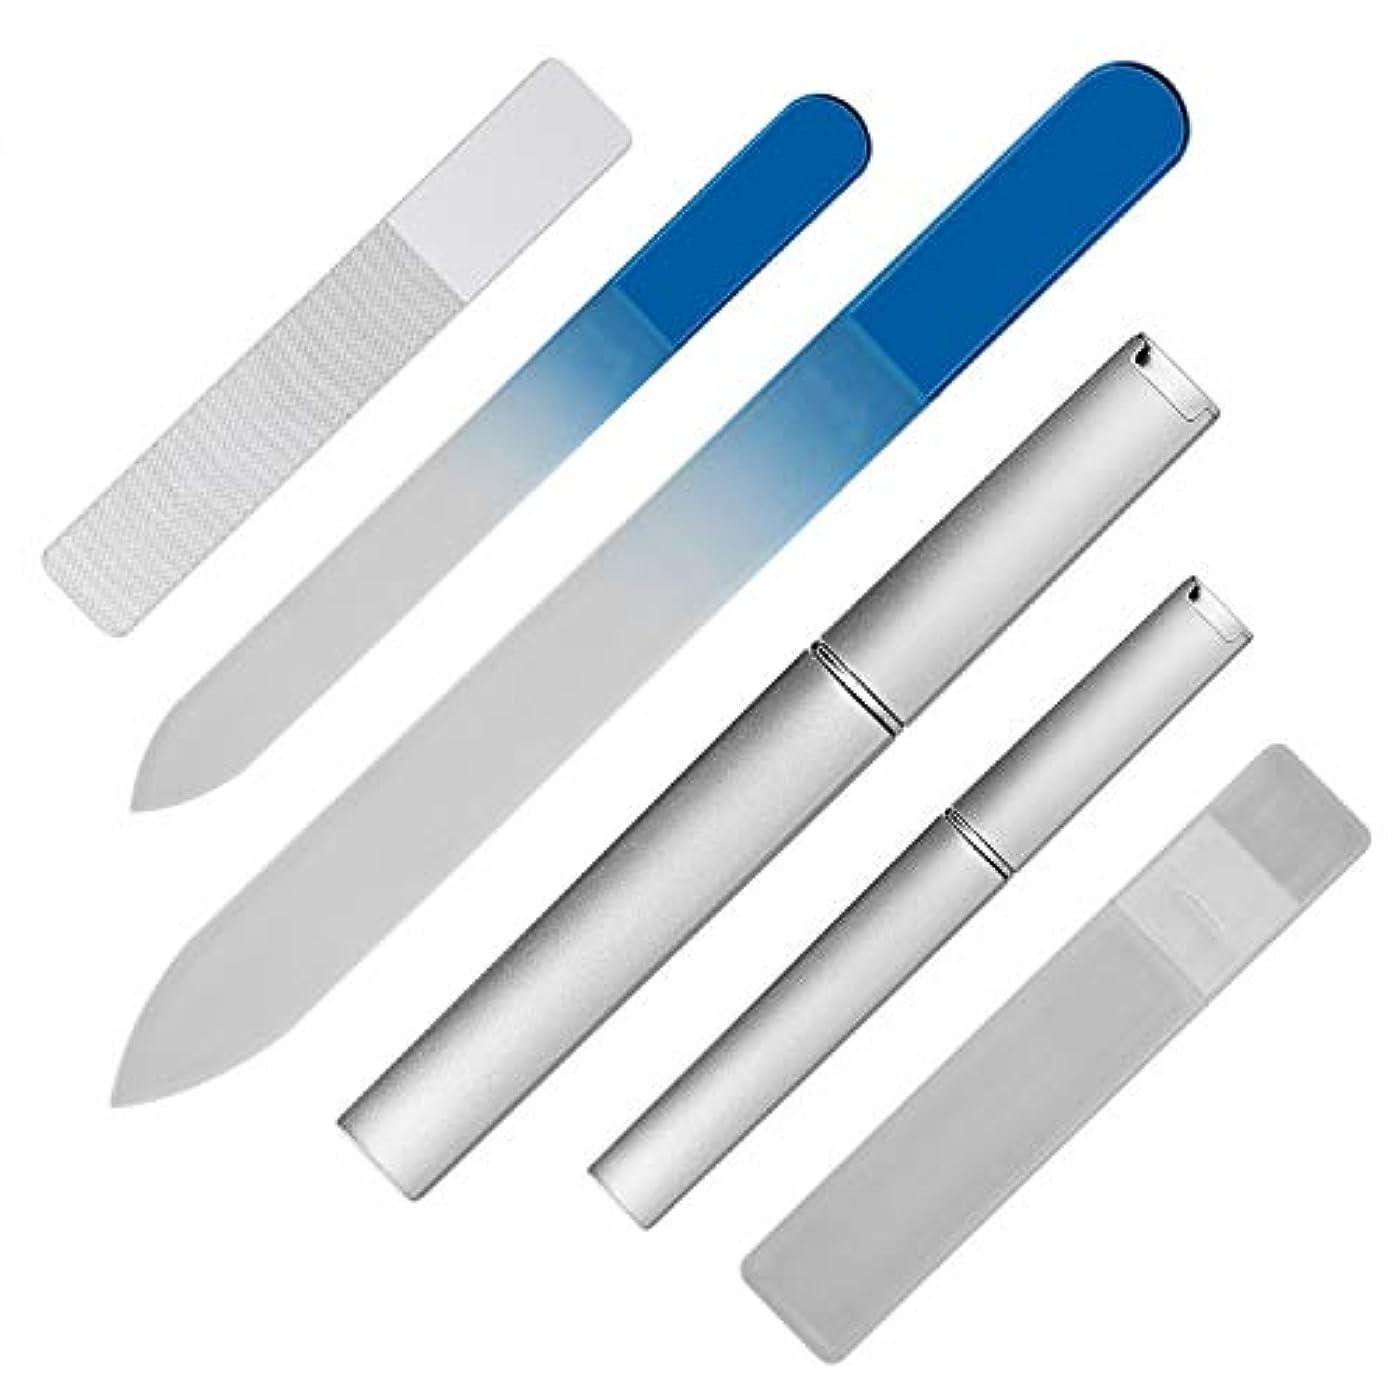 フォアマンケーキクレーン爪やすり ガラス製 爪磨き つめみがき ネイルケア用品 大小3個セット j-cheng (ブルー)